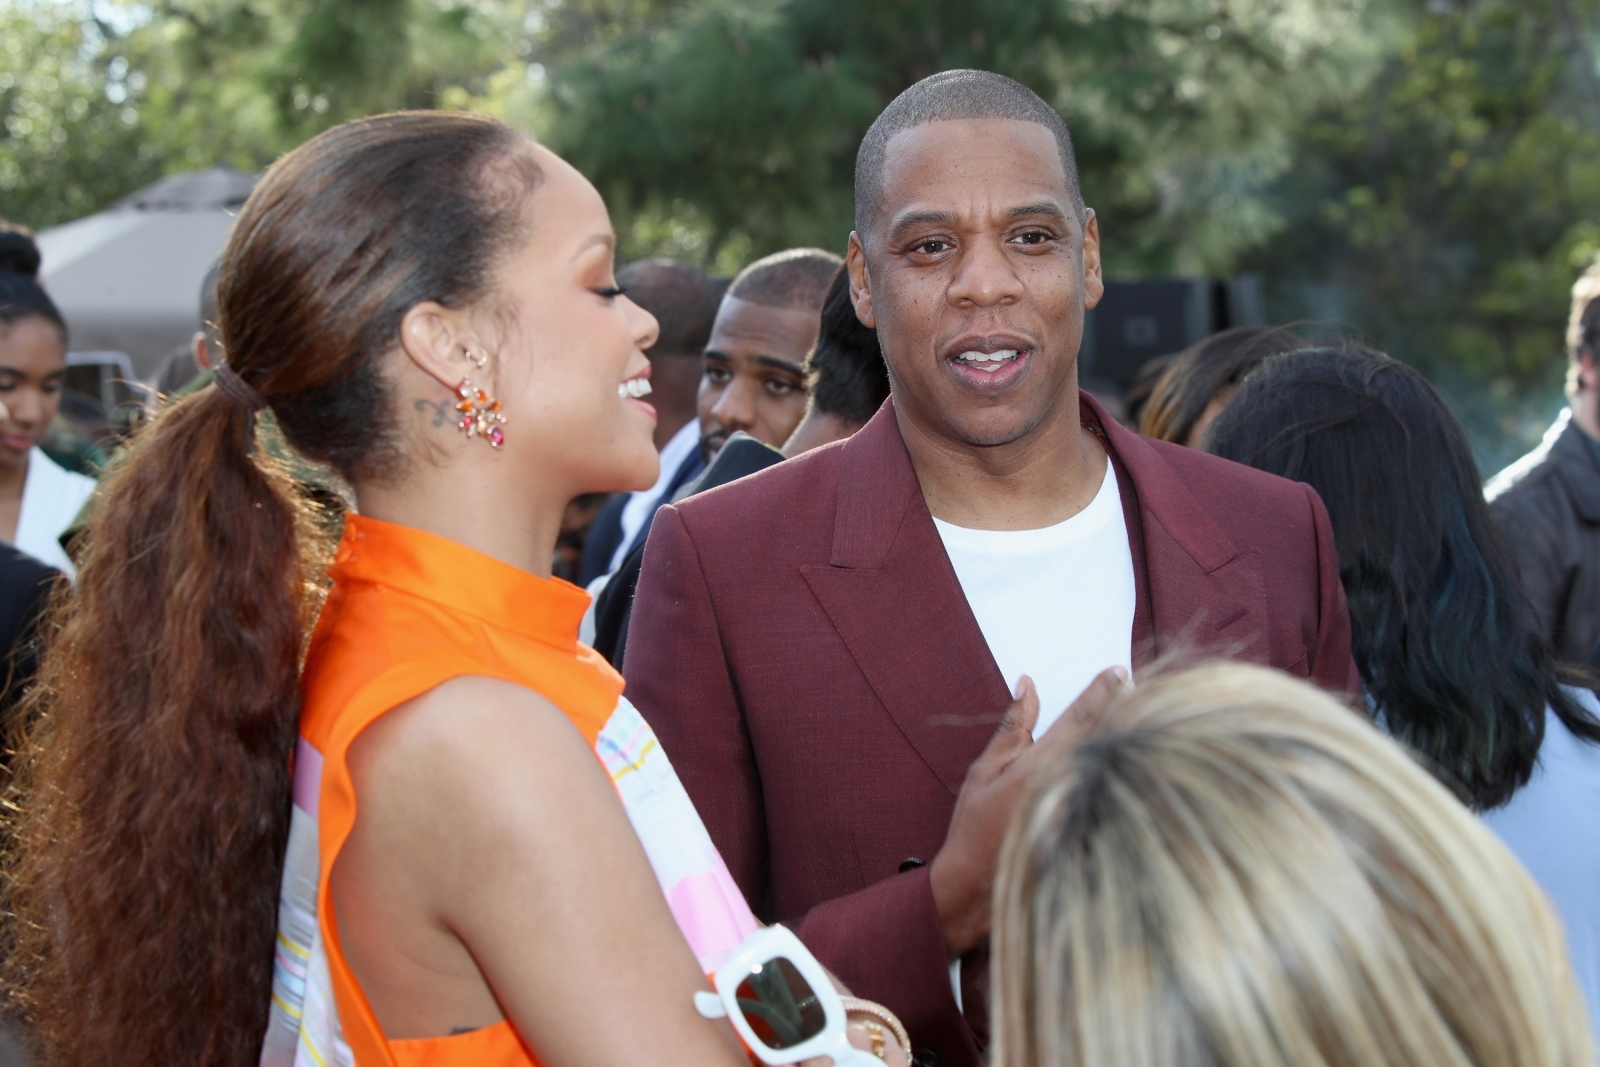 Jay-Z and Rihanna